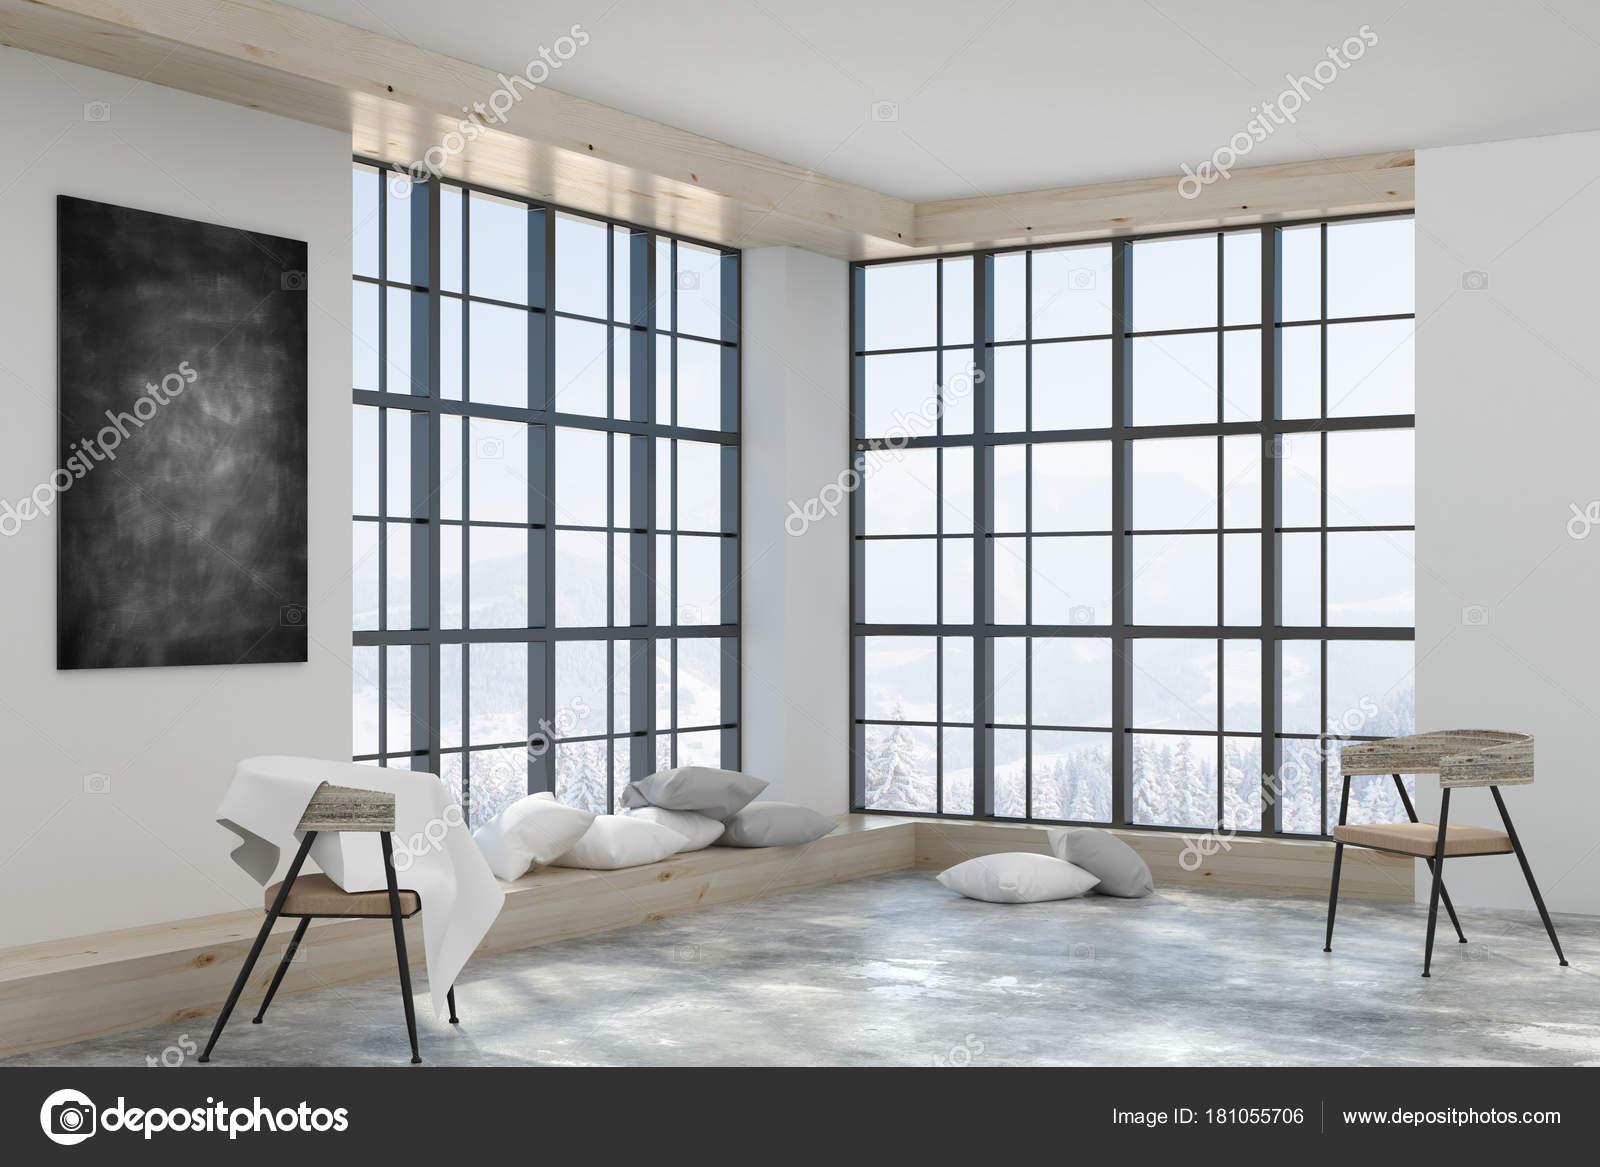 Contemporary Interior With Decorative Items Stock Photo Peshkova